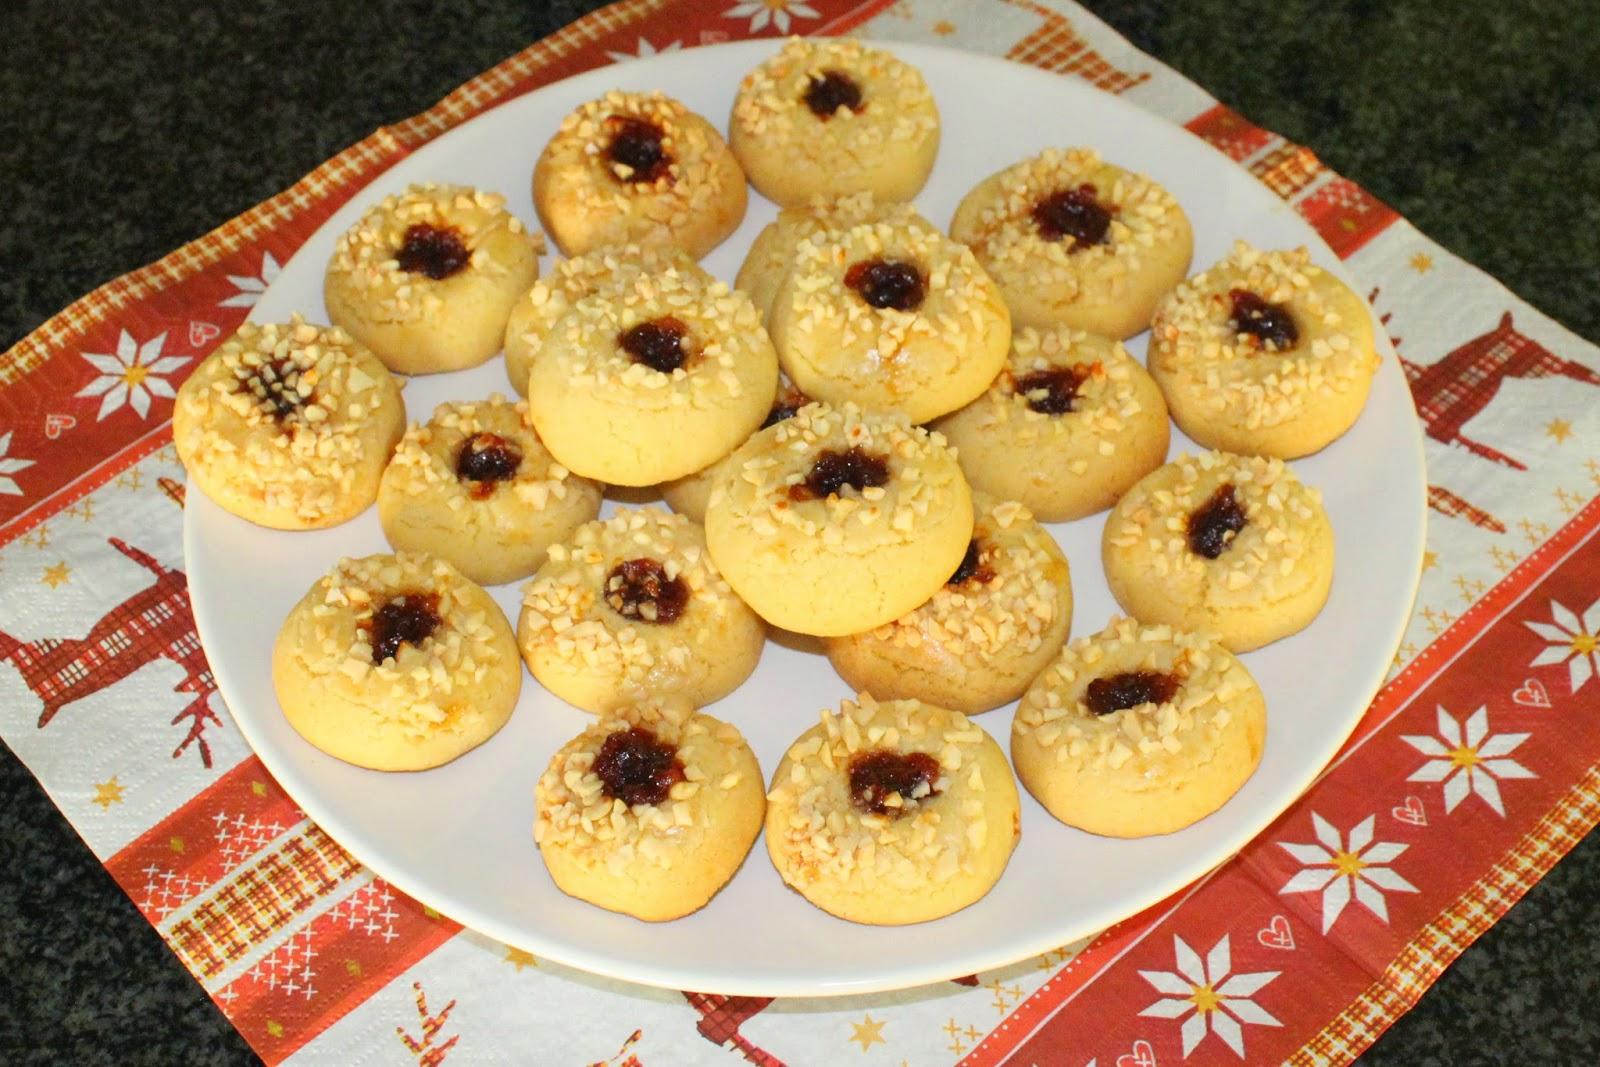 Einfache Weihnachtsplätzchen Rezepte Bild.Plätzchen Rezepte 3 Kulleraugen Rezept Gebi